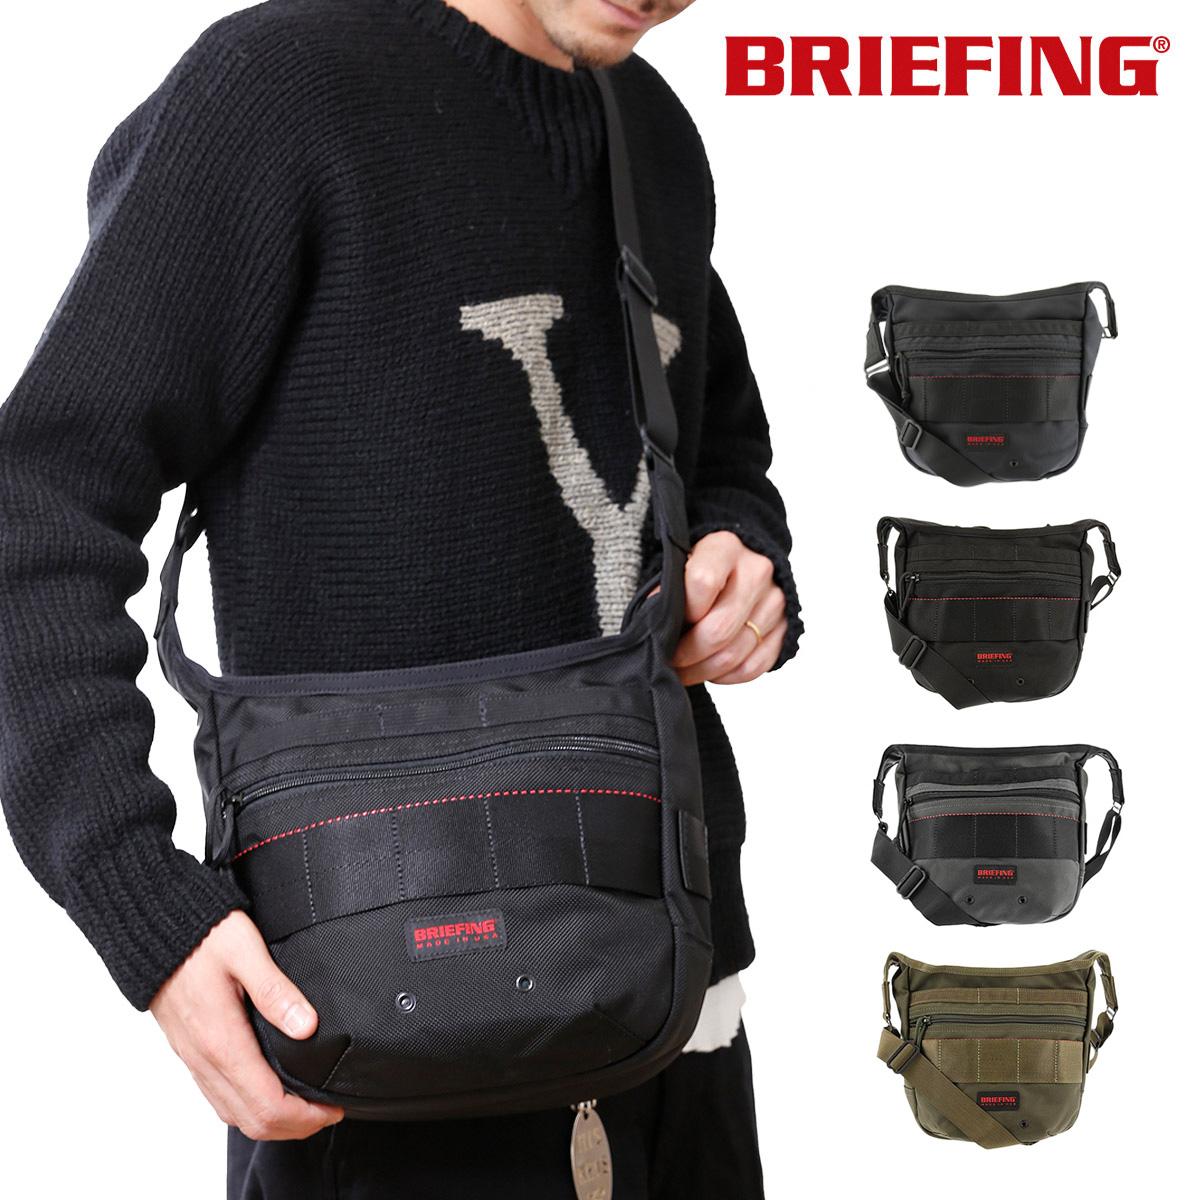 ブリーフィング ショルダーバッグ USA メンズ   BRF105219 BRIEFING   軽量コンパクト ナイロン【即日発送】【PO10】